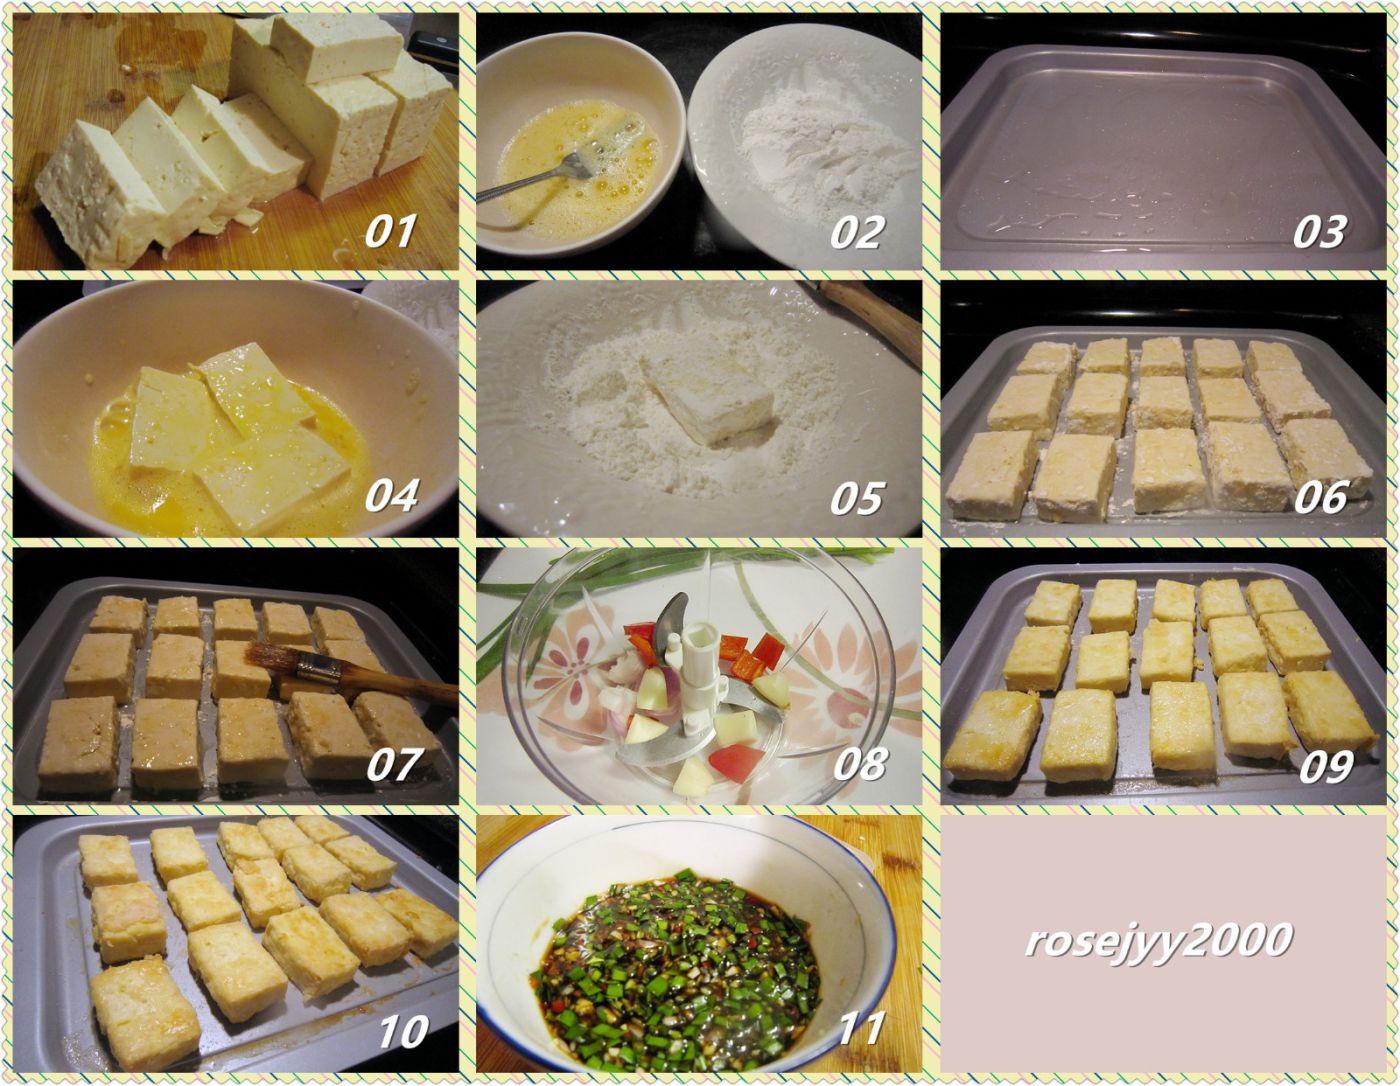 气锅炸豆腐_图1-2